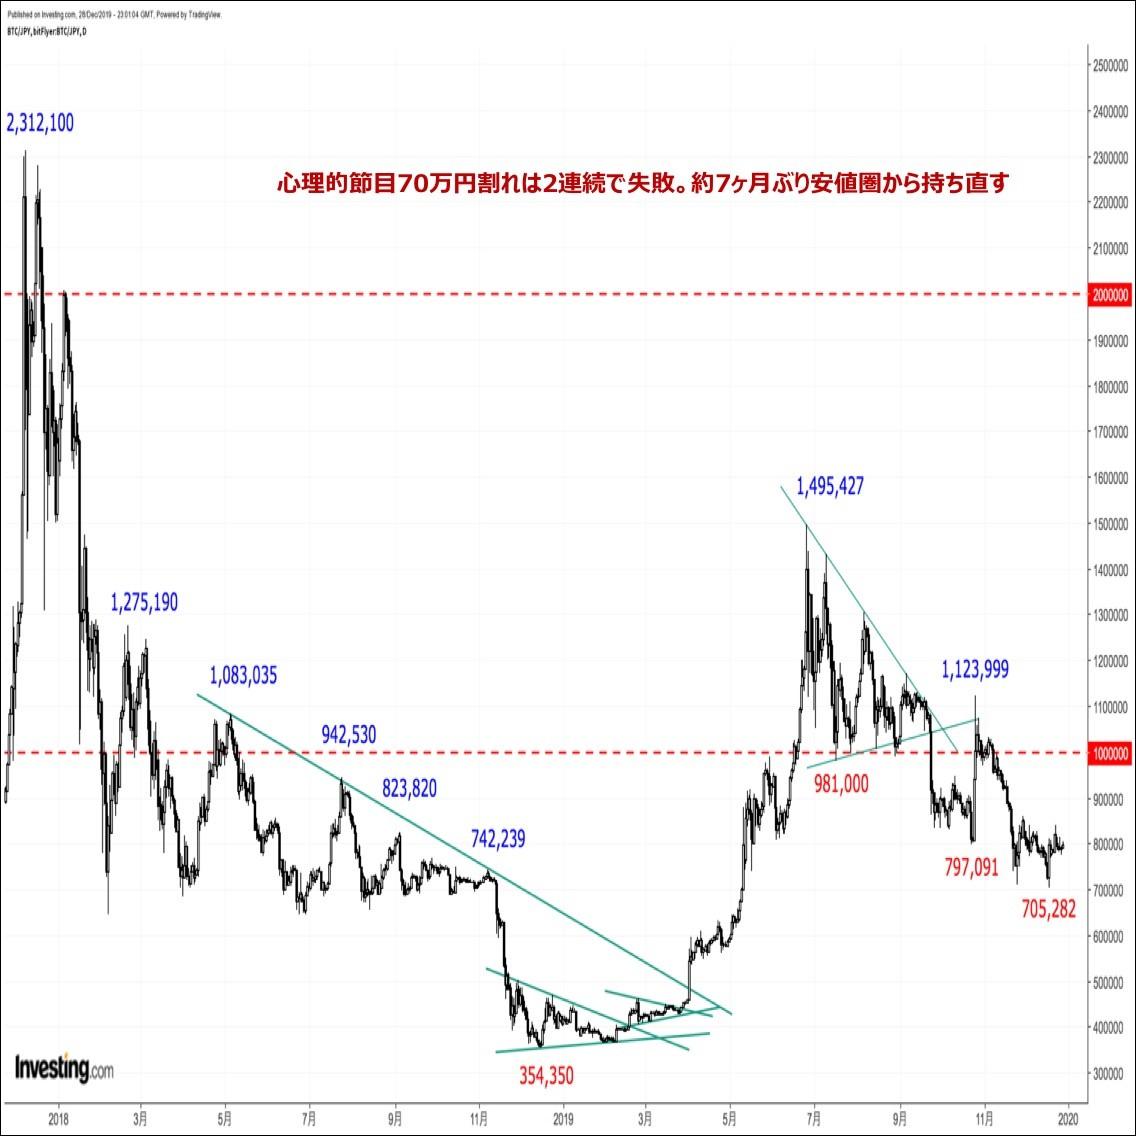 ビットコインの価格分析 『年明けのビットコイン相場はダブルボトムからの上放れに期待か』